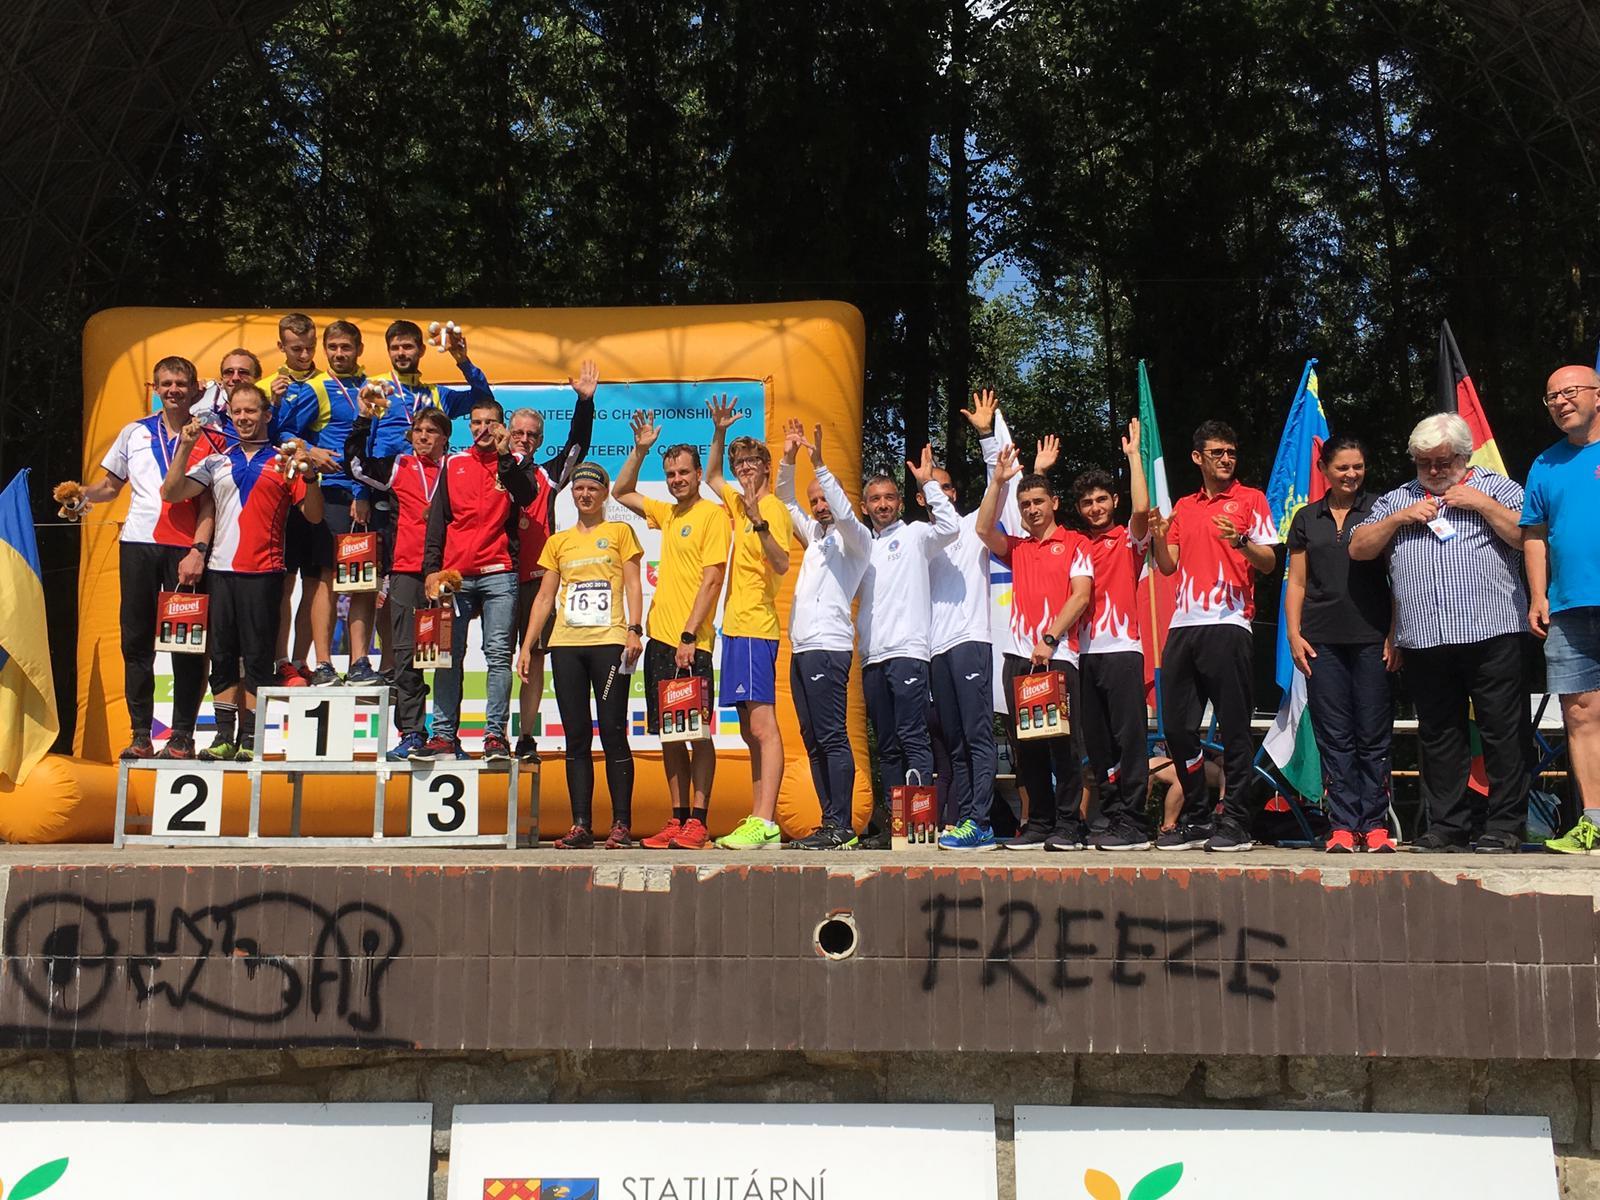 WDOC2019, Olomuc – Italia 5a nella staffetta ai Mondiali di Orienteering